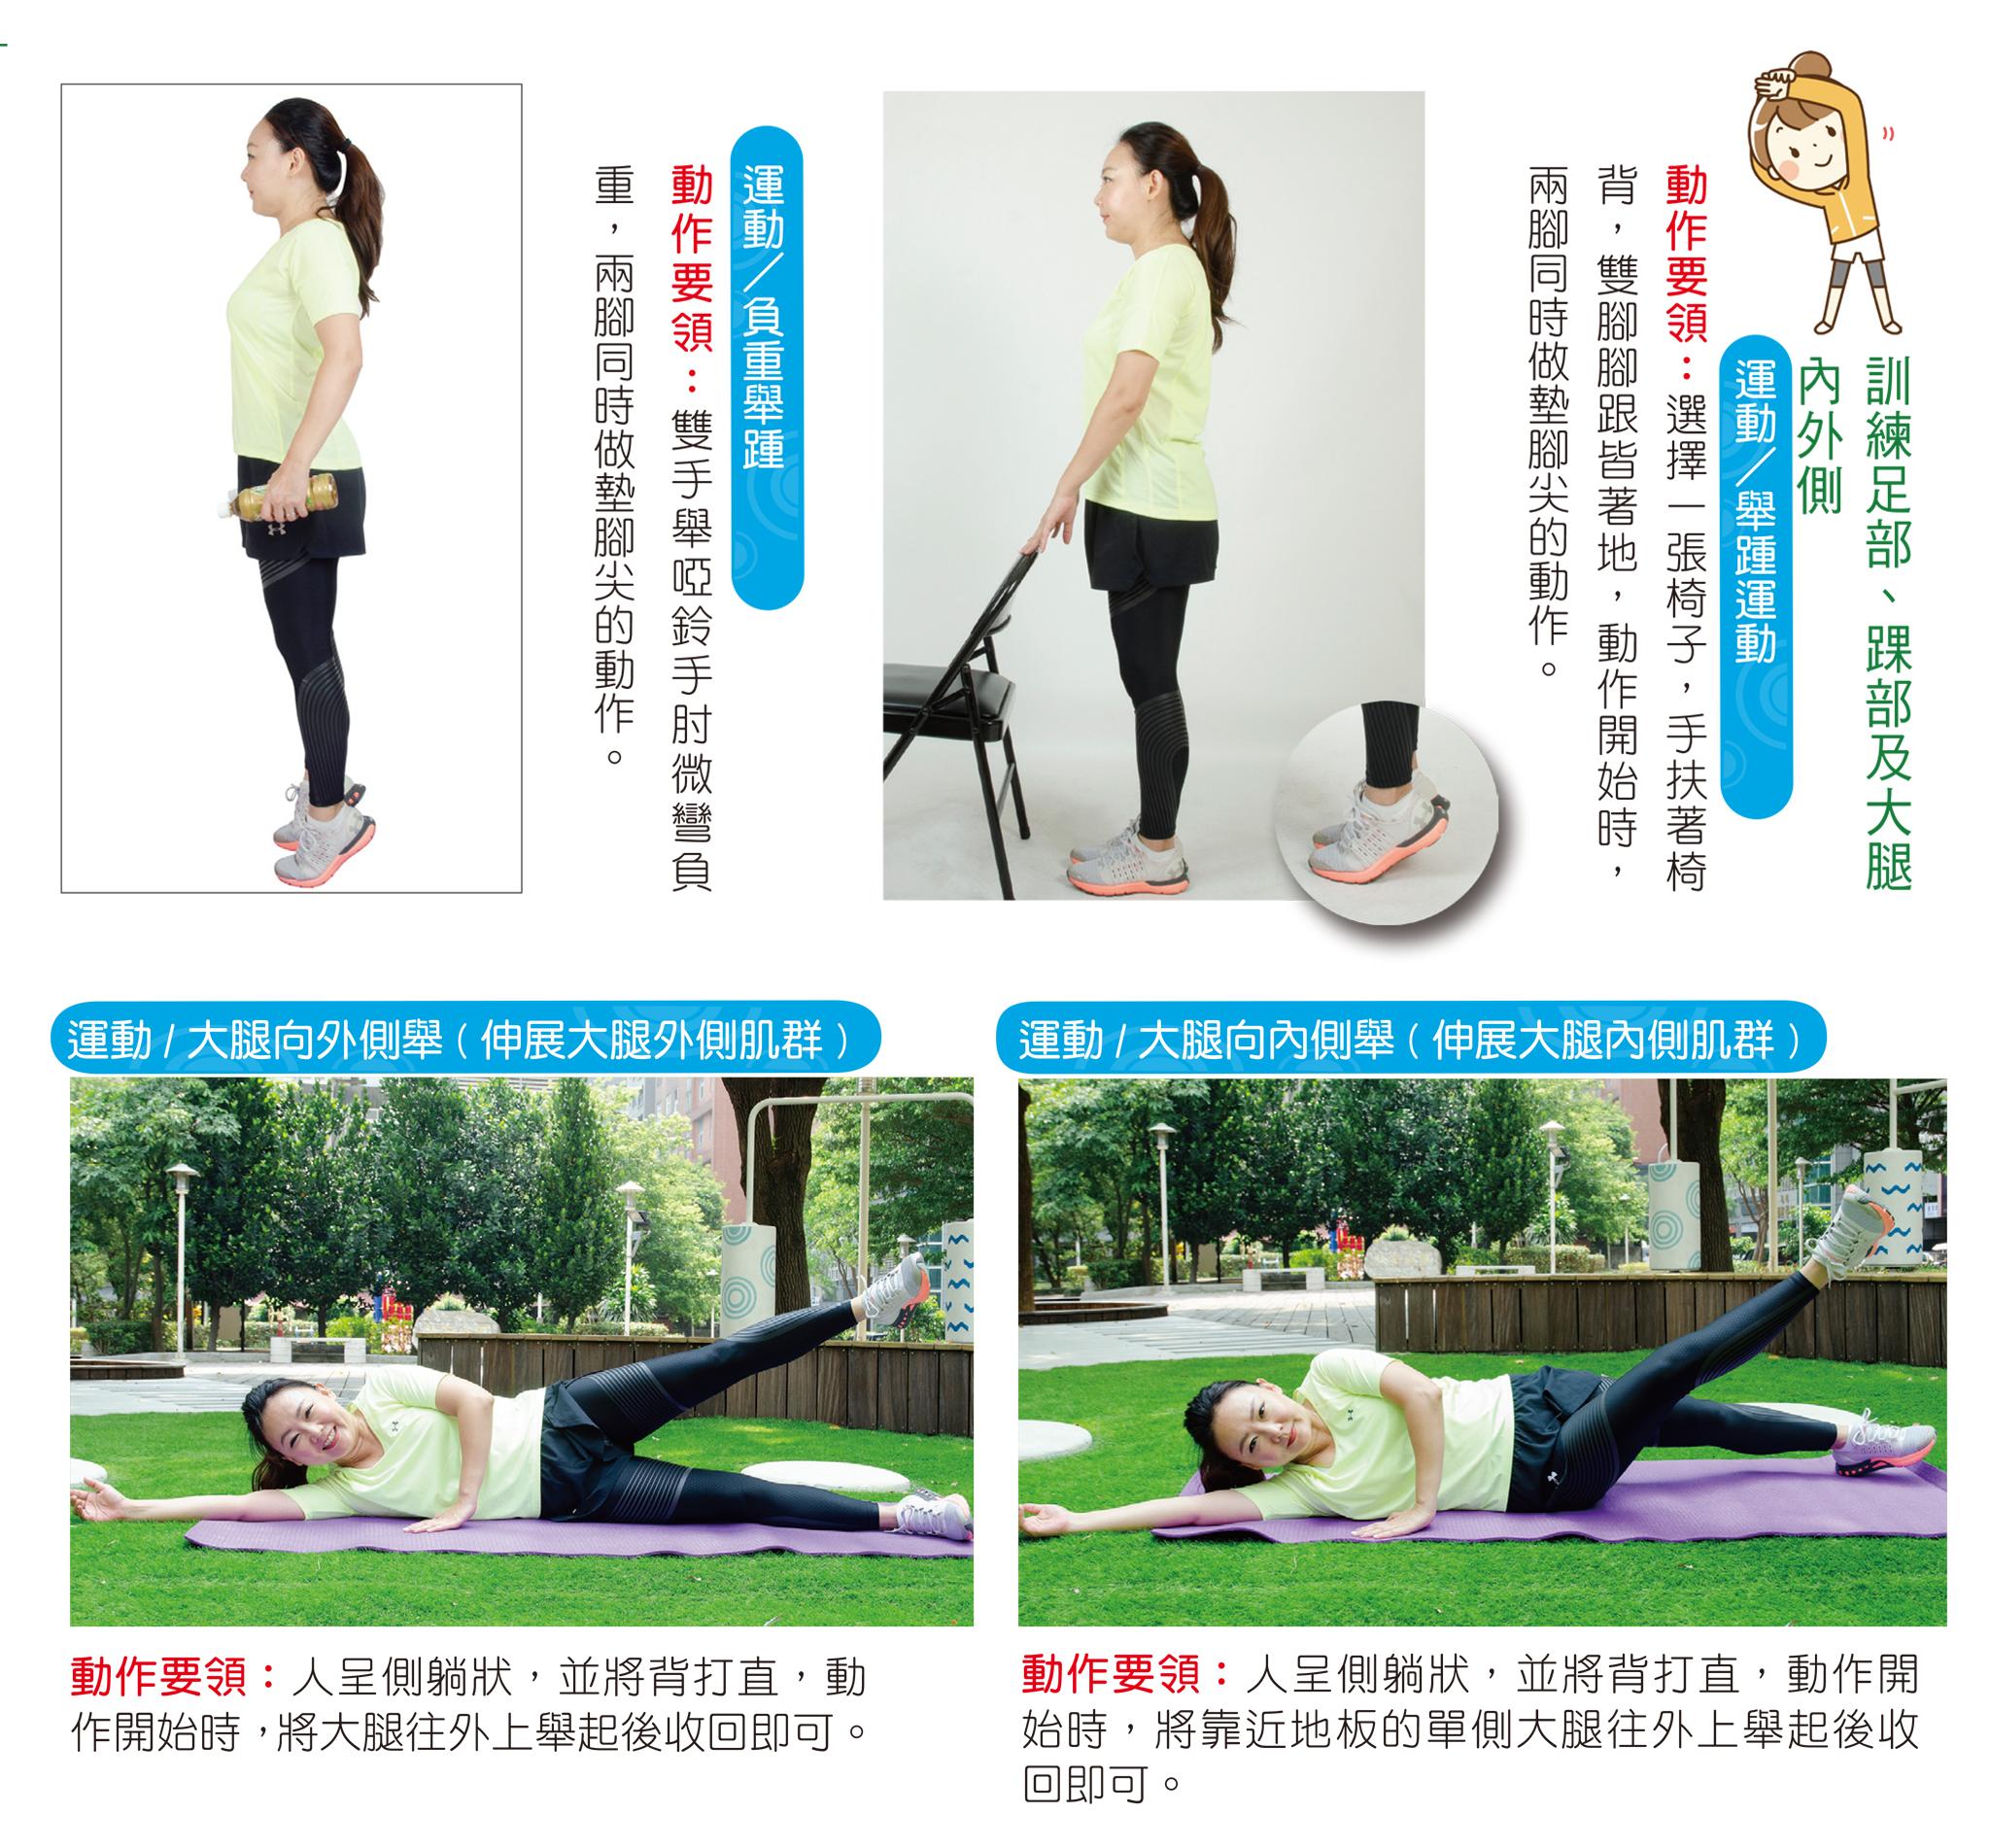 訓練足部、踝部及大腿內外側。